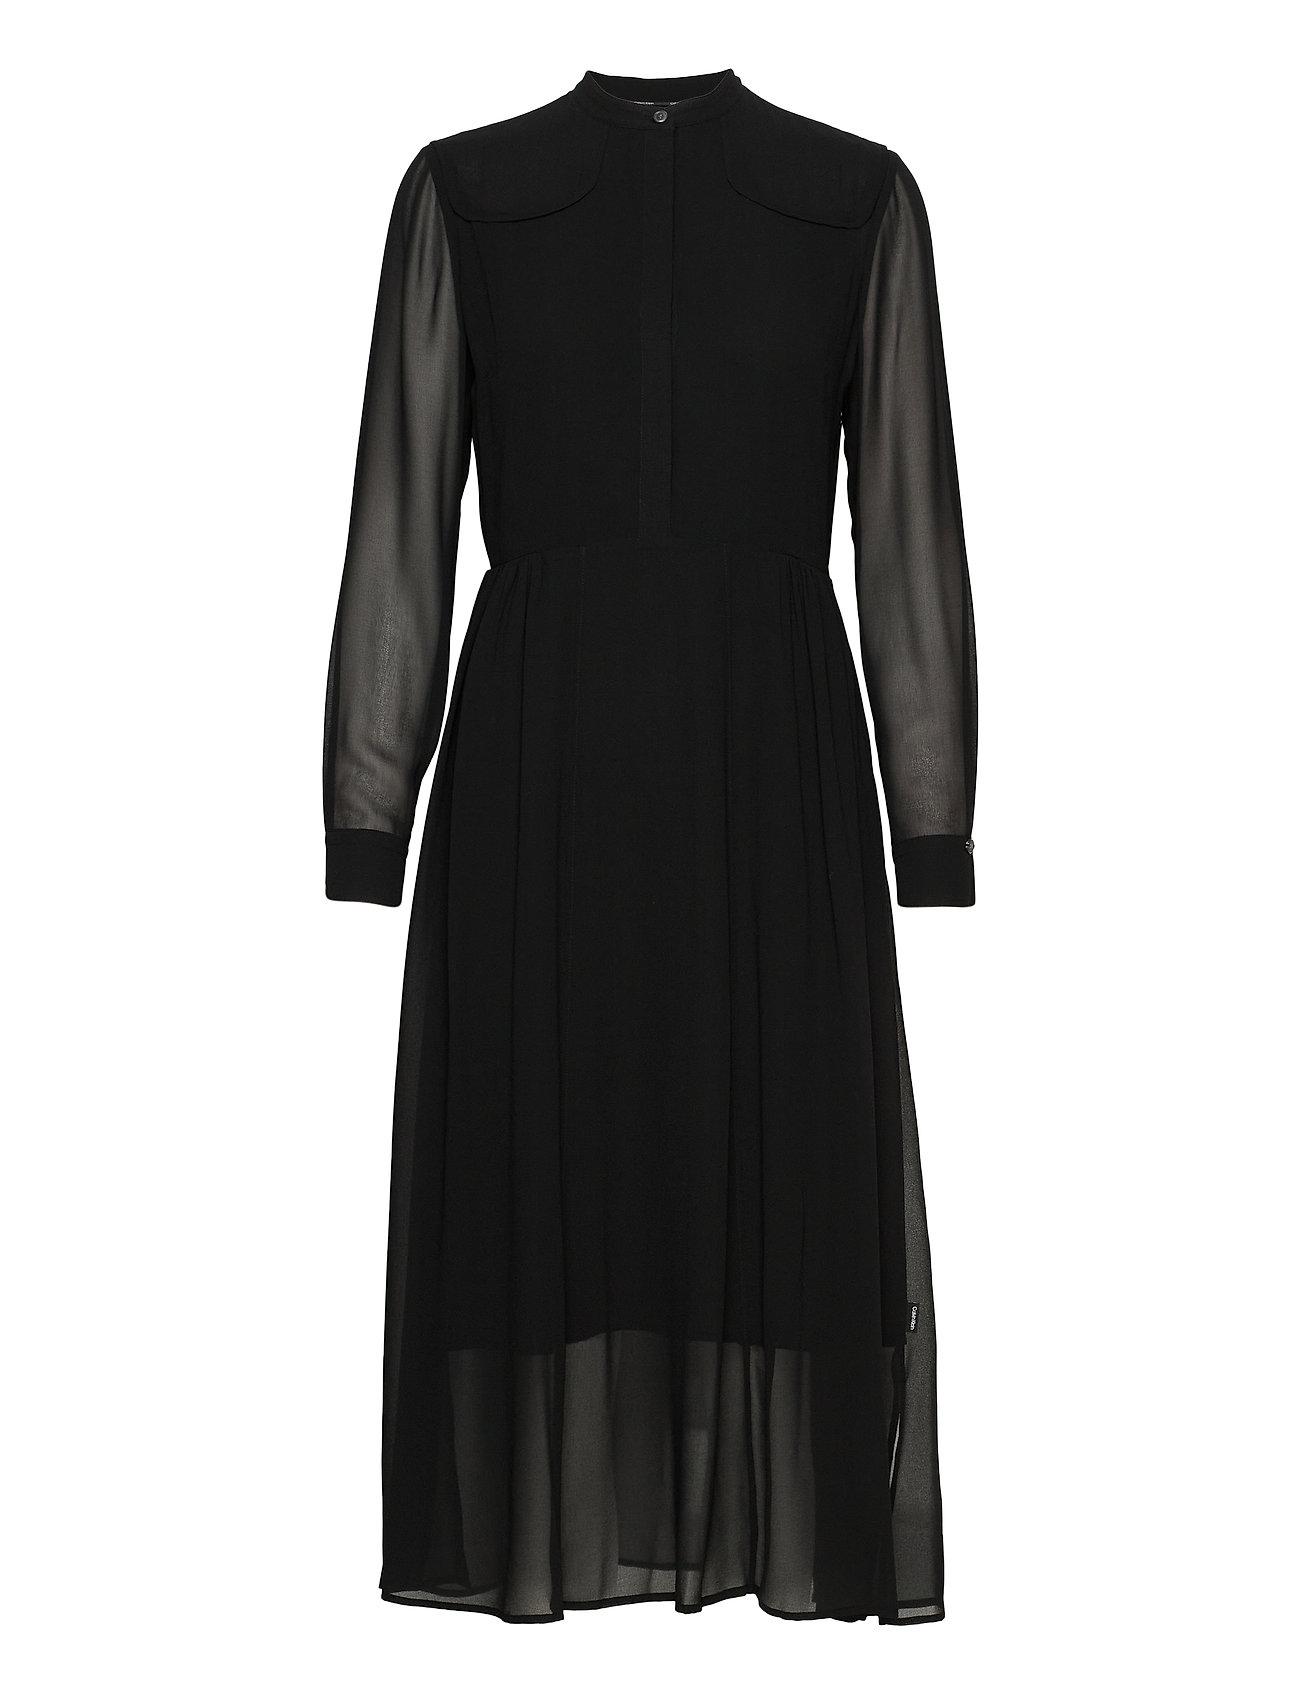 CALVIN KLEIN Blusen | Ls Button Up Maxi Dress Maxikleid Partykleid Schwarz CALVIN KLEIN